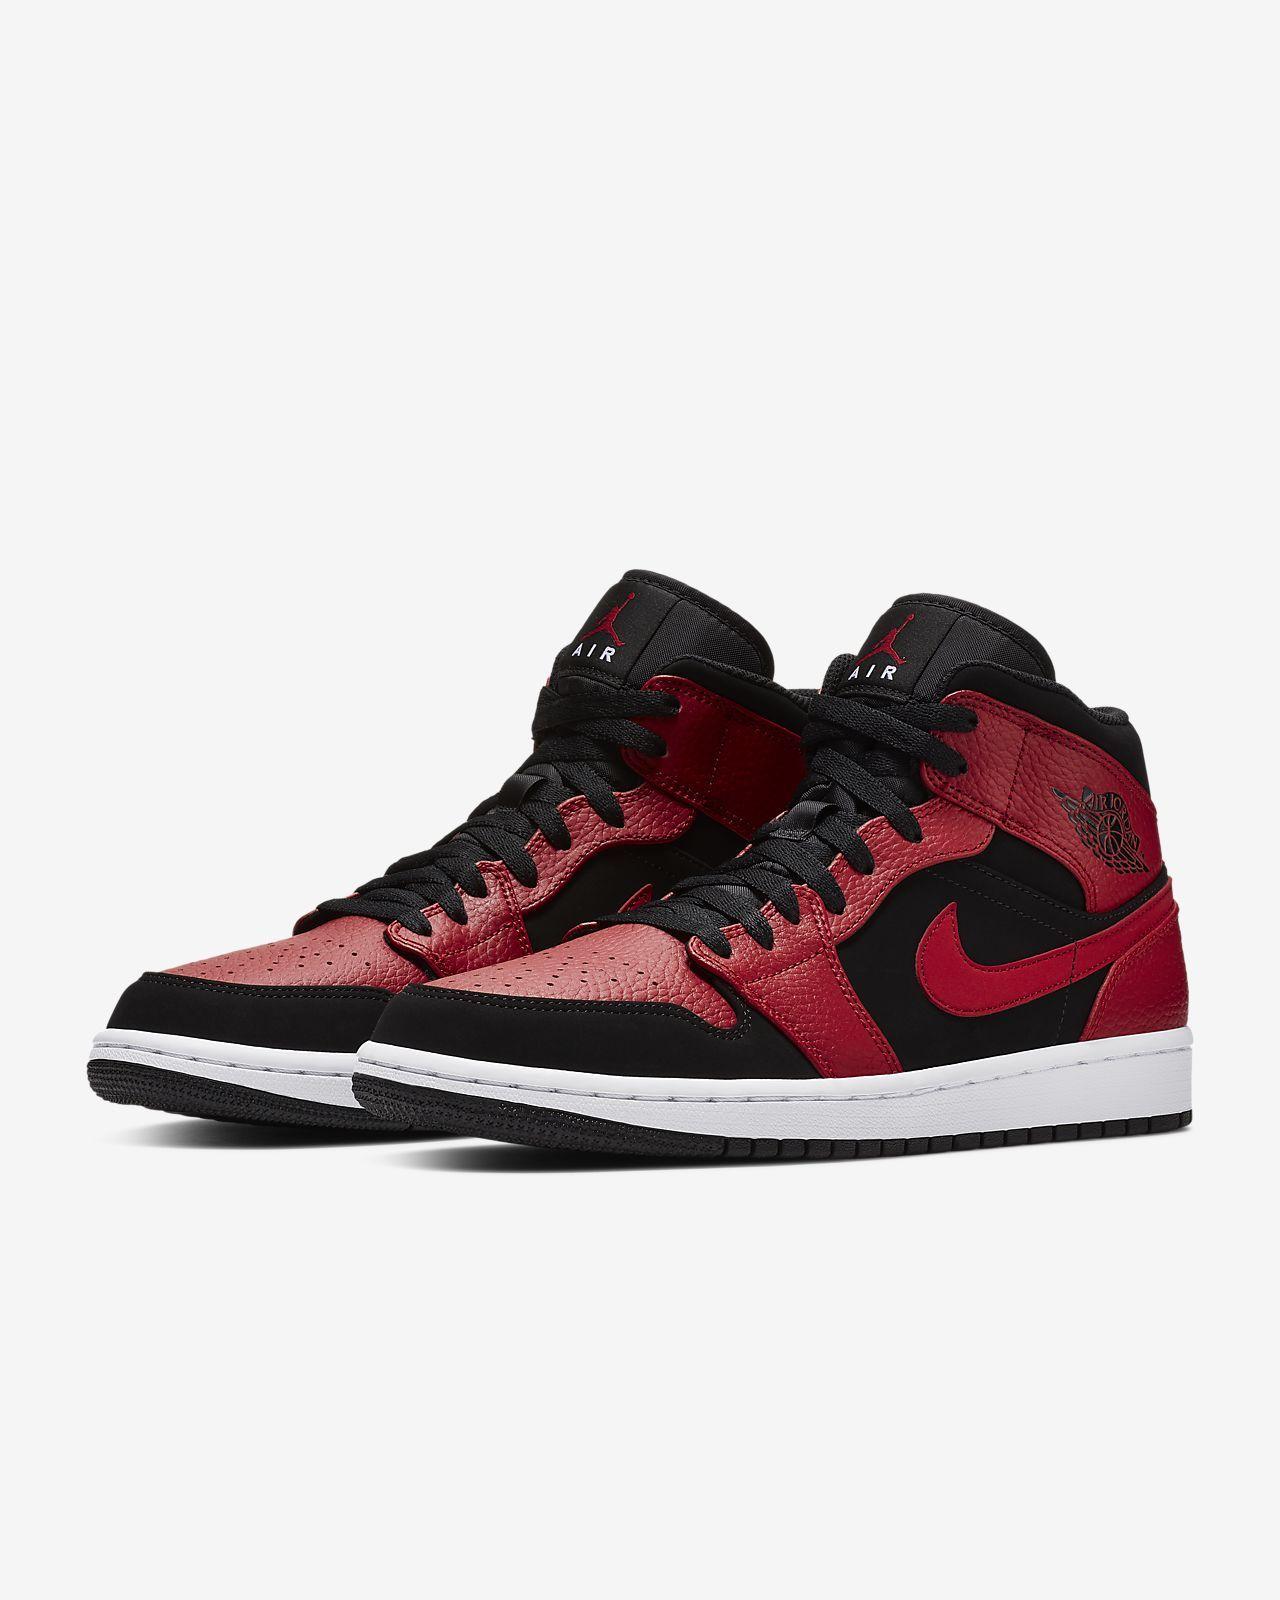 hot sale online 51a91 2d510 Air Jordan 1 Mid Men s Shoe